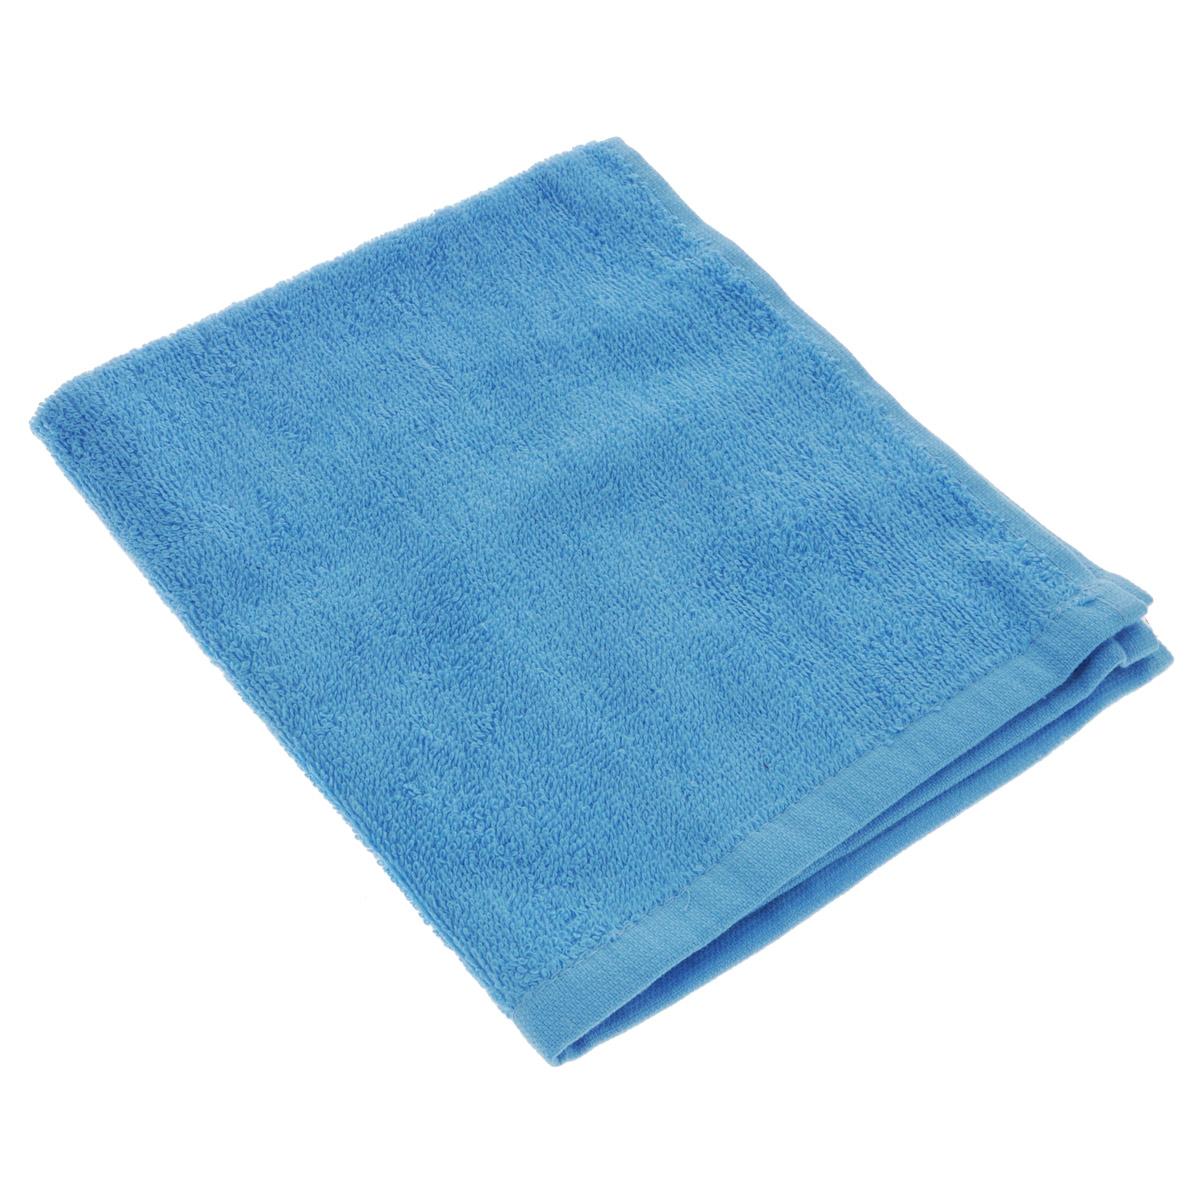 Полотенце махровое Osborn Textile, цвет: голубой, 40 х 40 смУзТ-МПБ-005-08-06В состав полотенца Osborn Textile входит только натуральное волокно - хлопок. Такое полотенце будет незаменимо в вашем быту. Оно создаст прекрасное настроение не только в ванной комнате, но и в кухне. Изделие прекрасно впитывает влагу и быстро сохнет. При соблюдении рекомендаций по уходу не линяет и не теряет форму даже после многократных стирок. Плотность: 400 г/м2.